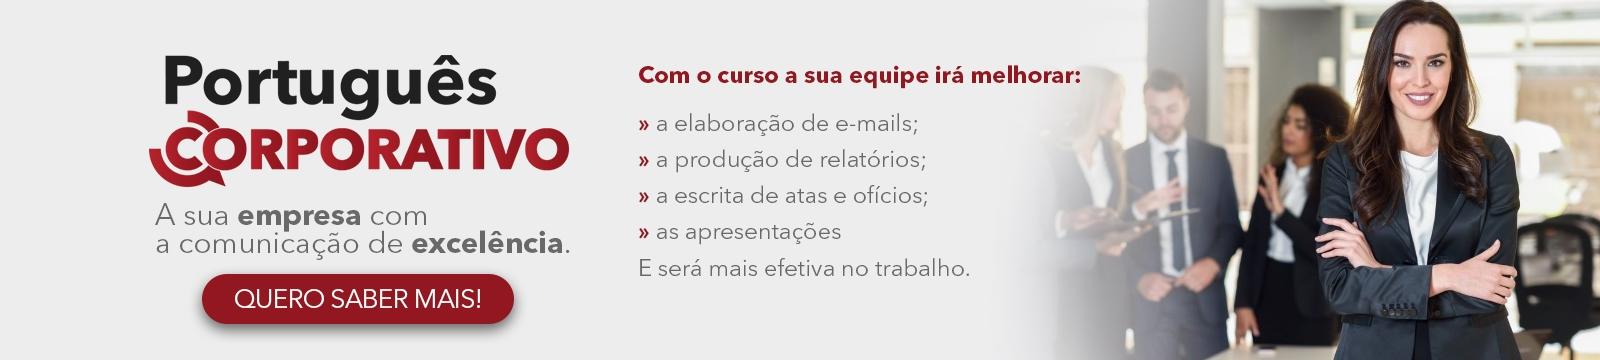 [Português Corporativo]